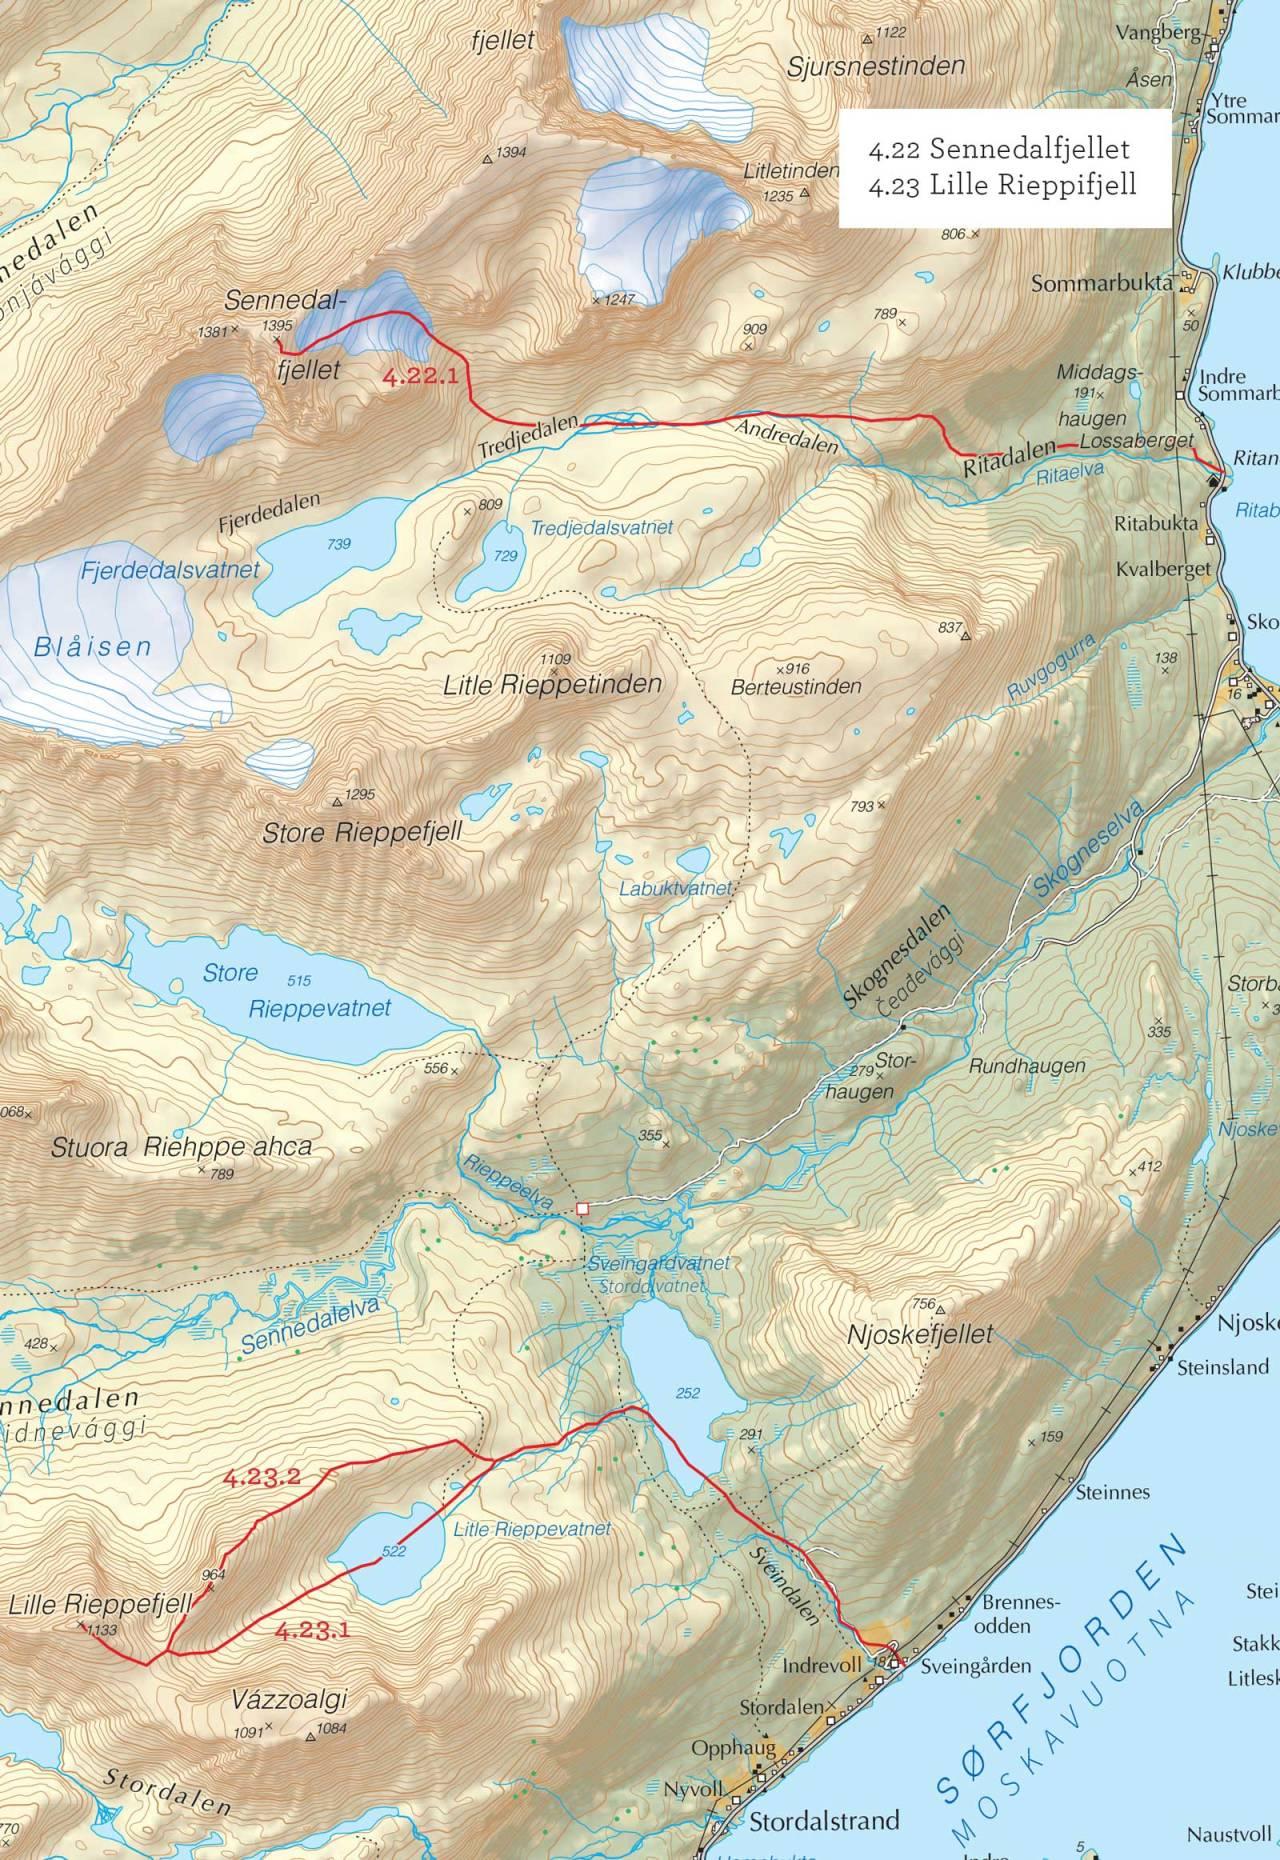 Oversiktskart over Sennedalfjellet med inntegnet rute. Fra Toppturer i Troms.